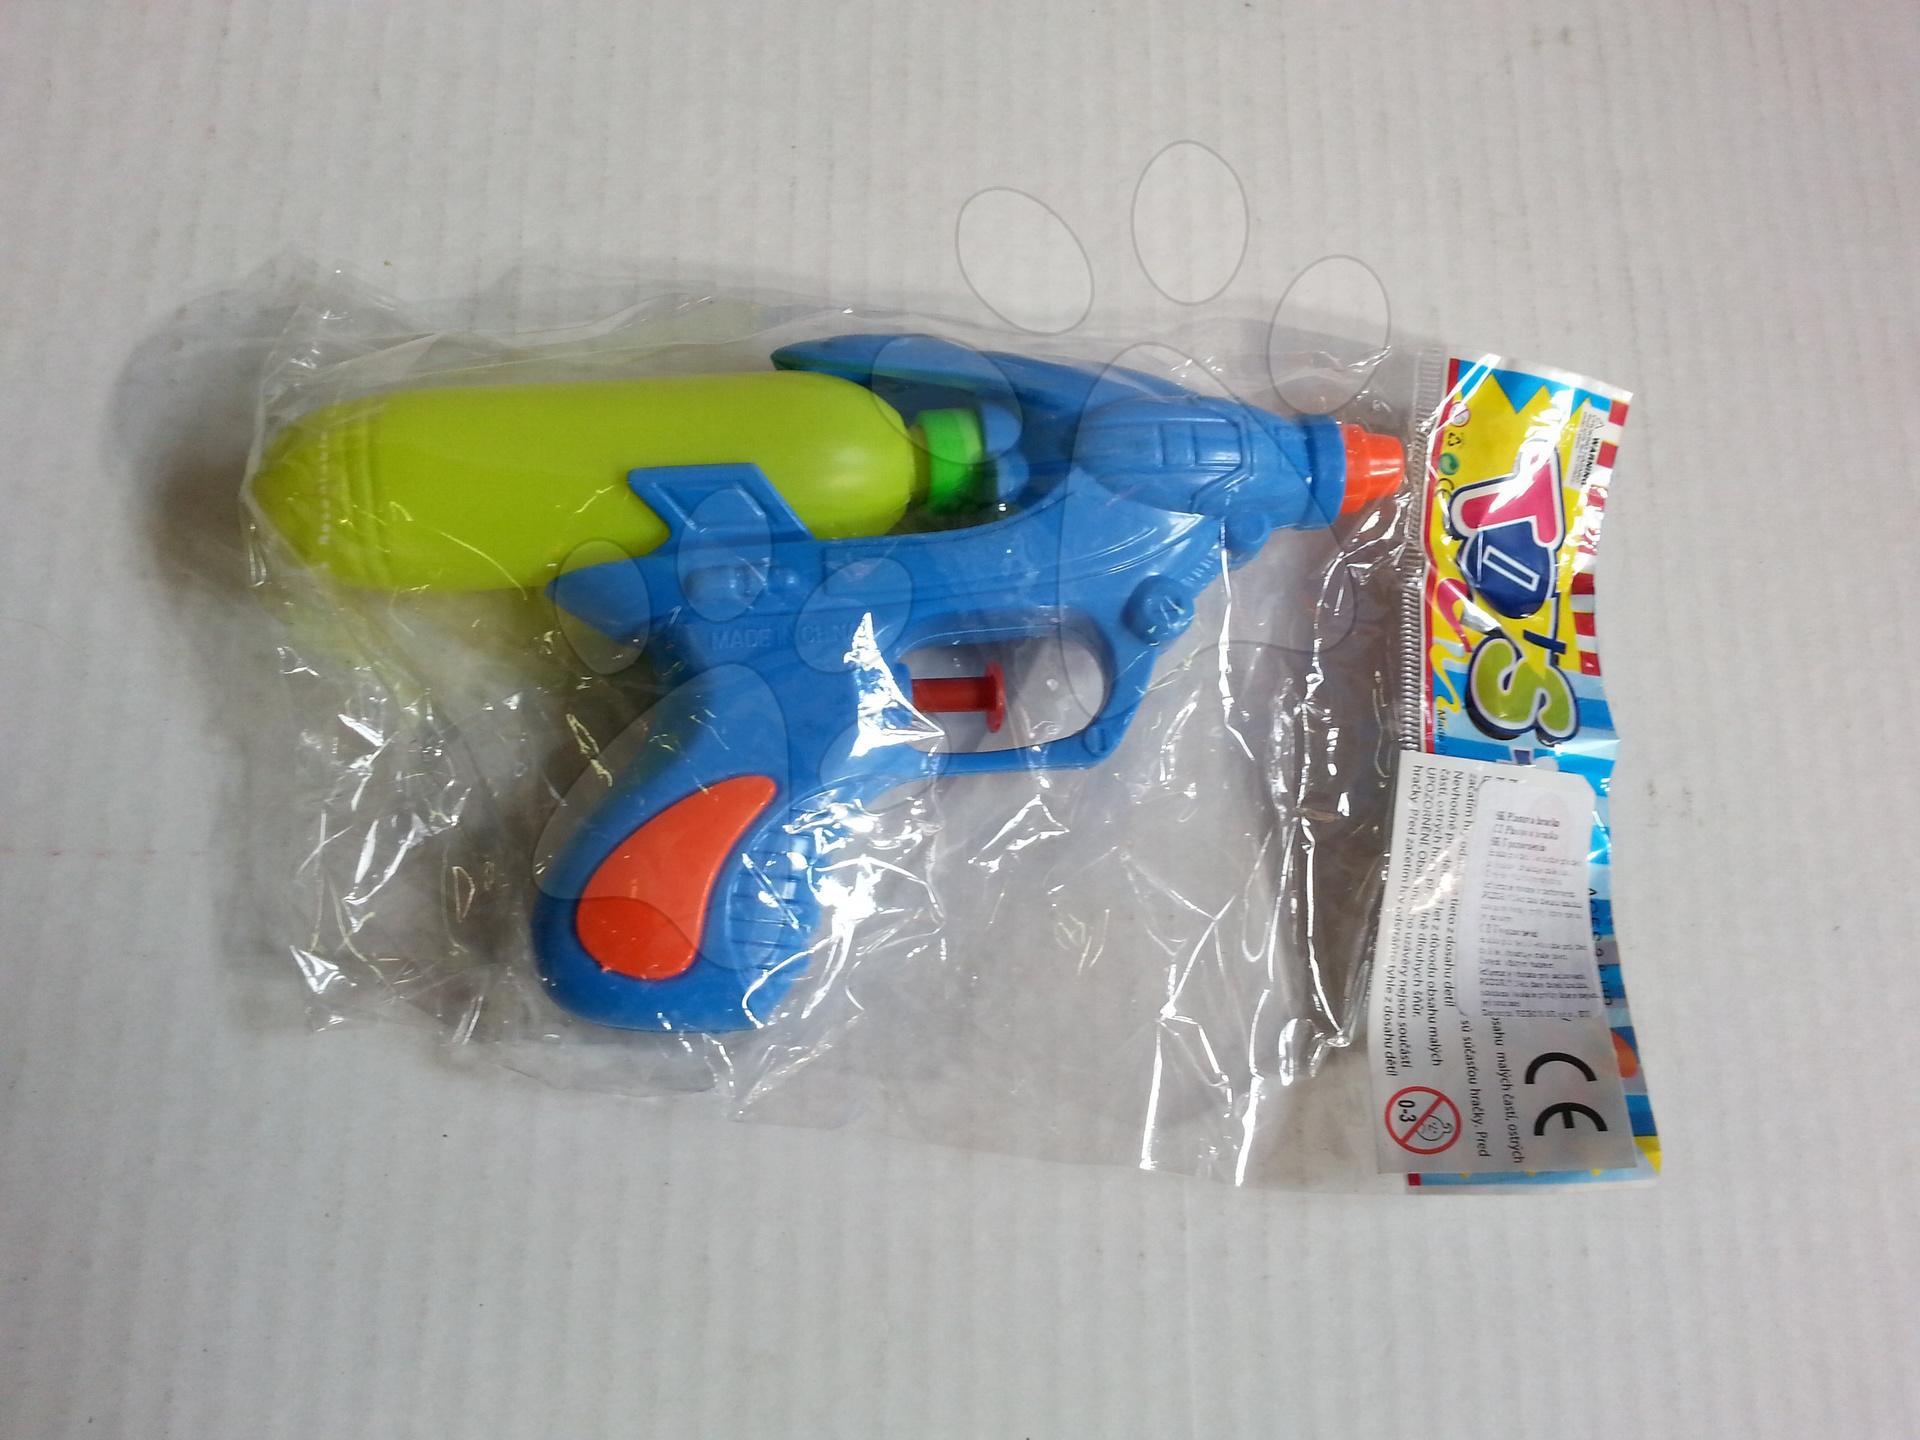 Vodné pištoľky - Vodná pištoľka Scorpio modrá/zelená/oranžová